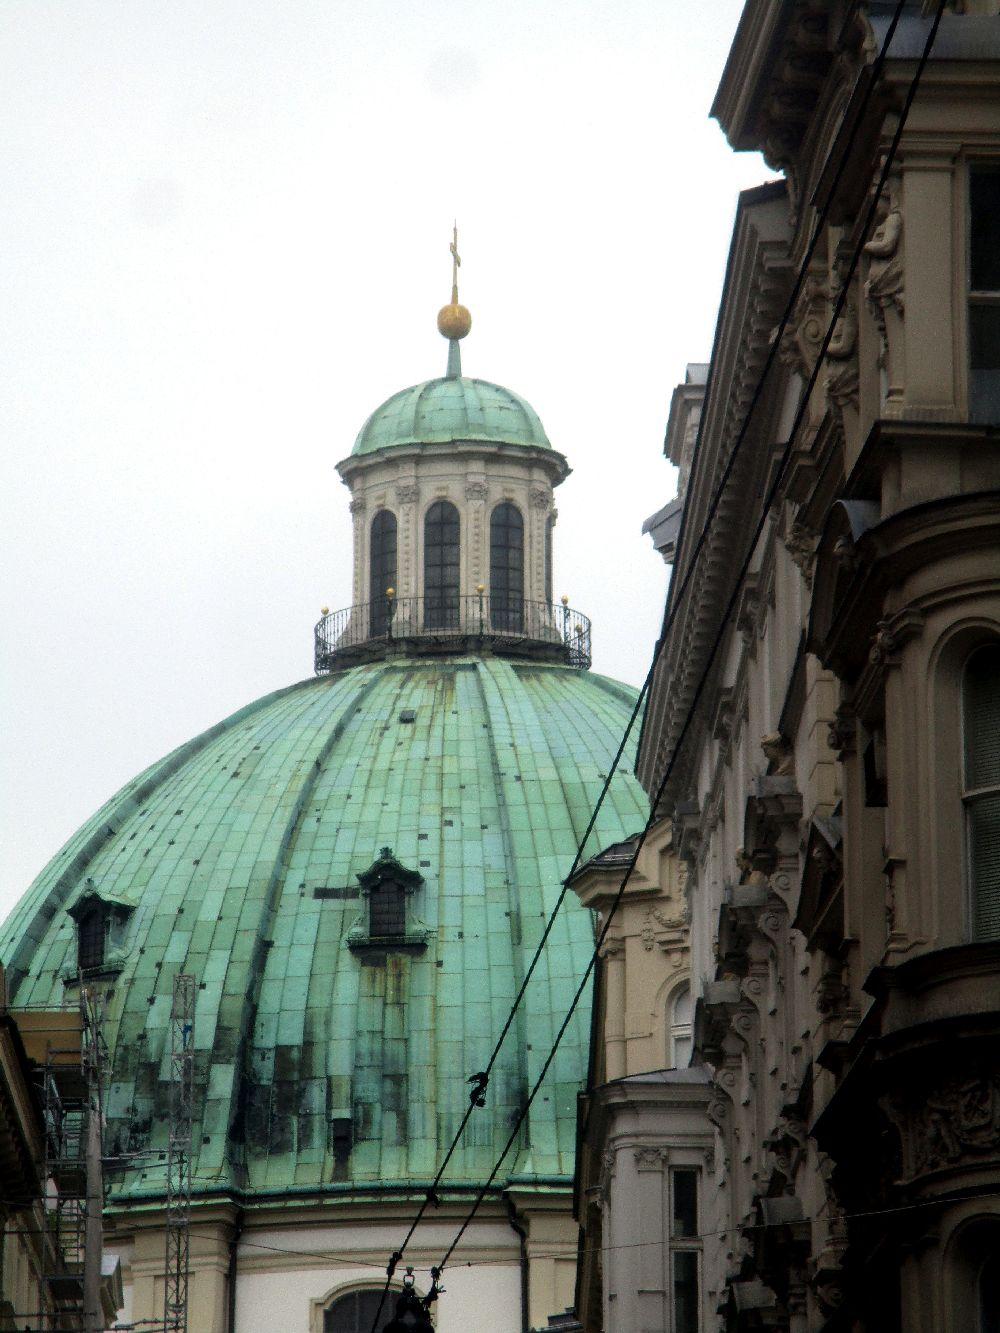 Eine Riesengroße grüne Kupferkuppel. Auf der mitte der Kuppel ist ein kleiner Leuchtturm, ebenfalls mit einer Kuppel ausgestattet.